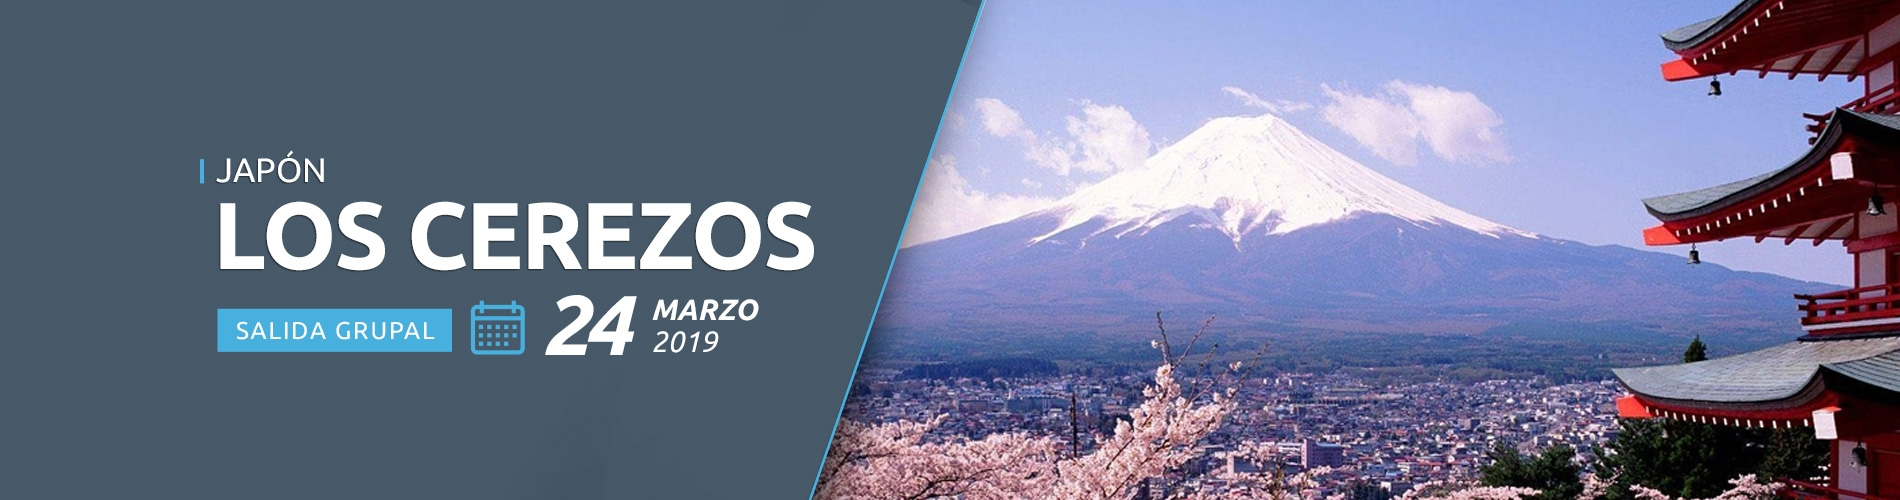 Salida Grupal 24 de marzo 2020 - Destino Los cerezos en Japón